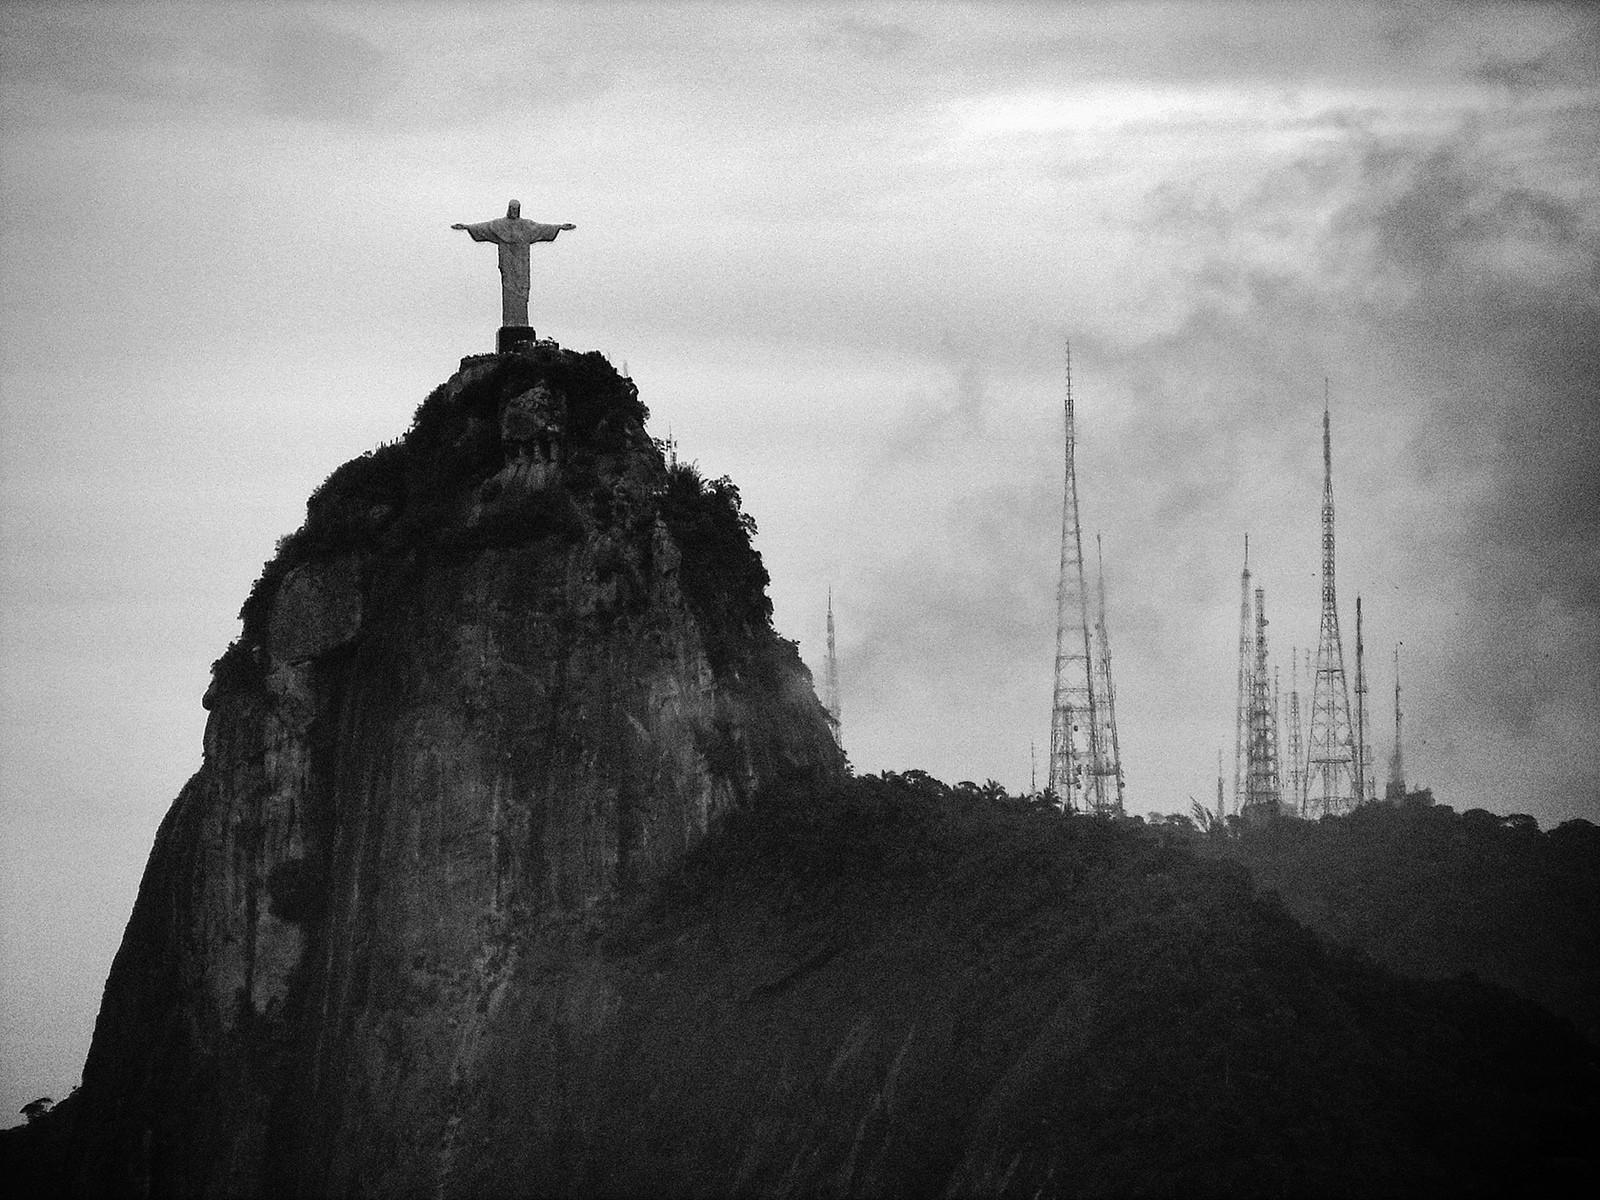 Mapeamento 3D do Cristo Redentor é realizado através de drones, Estátua do Cristo Redentor no Rio de Janeiro. © Diego Torres Silvestre, via Flickr. CC. Used under <a href='https://creativecommons.org/licenses/by-sa/2.0/'>Creative Commons</a>